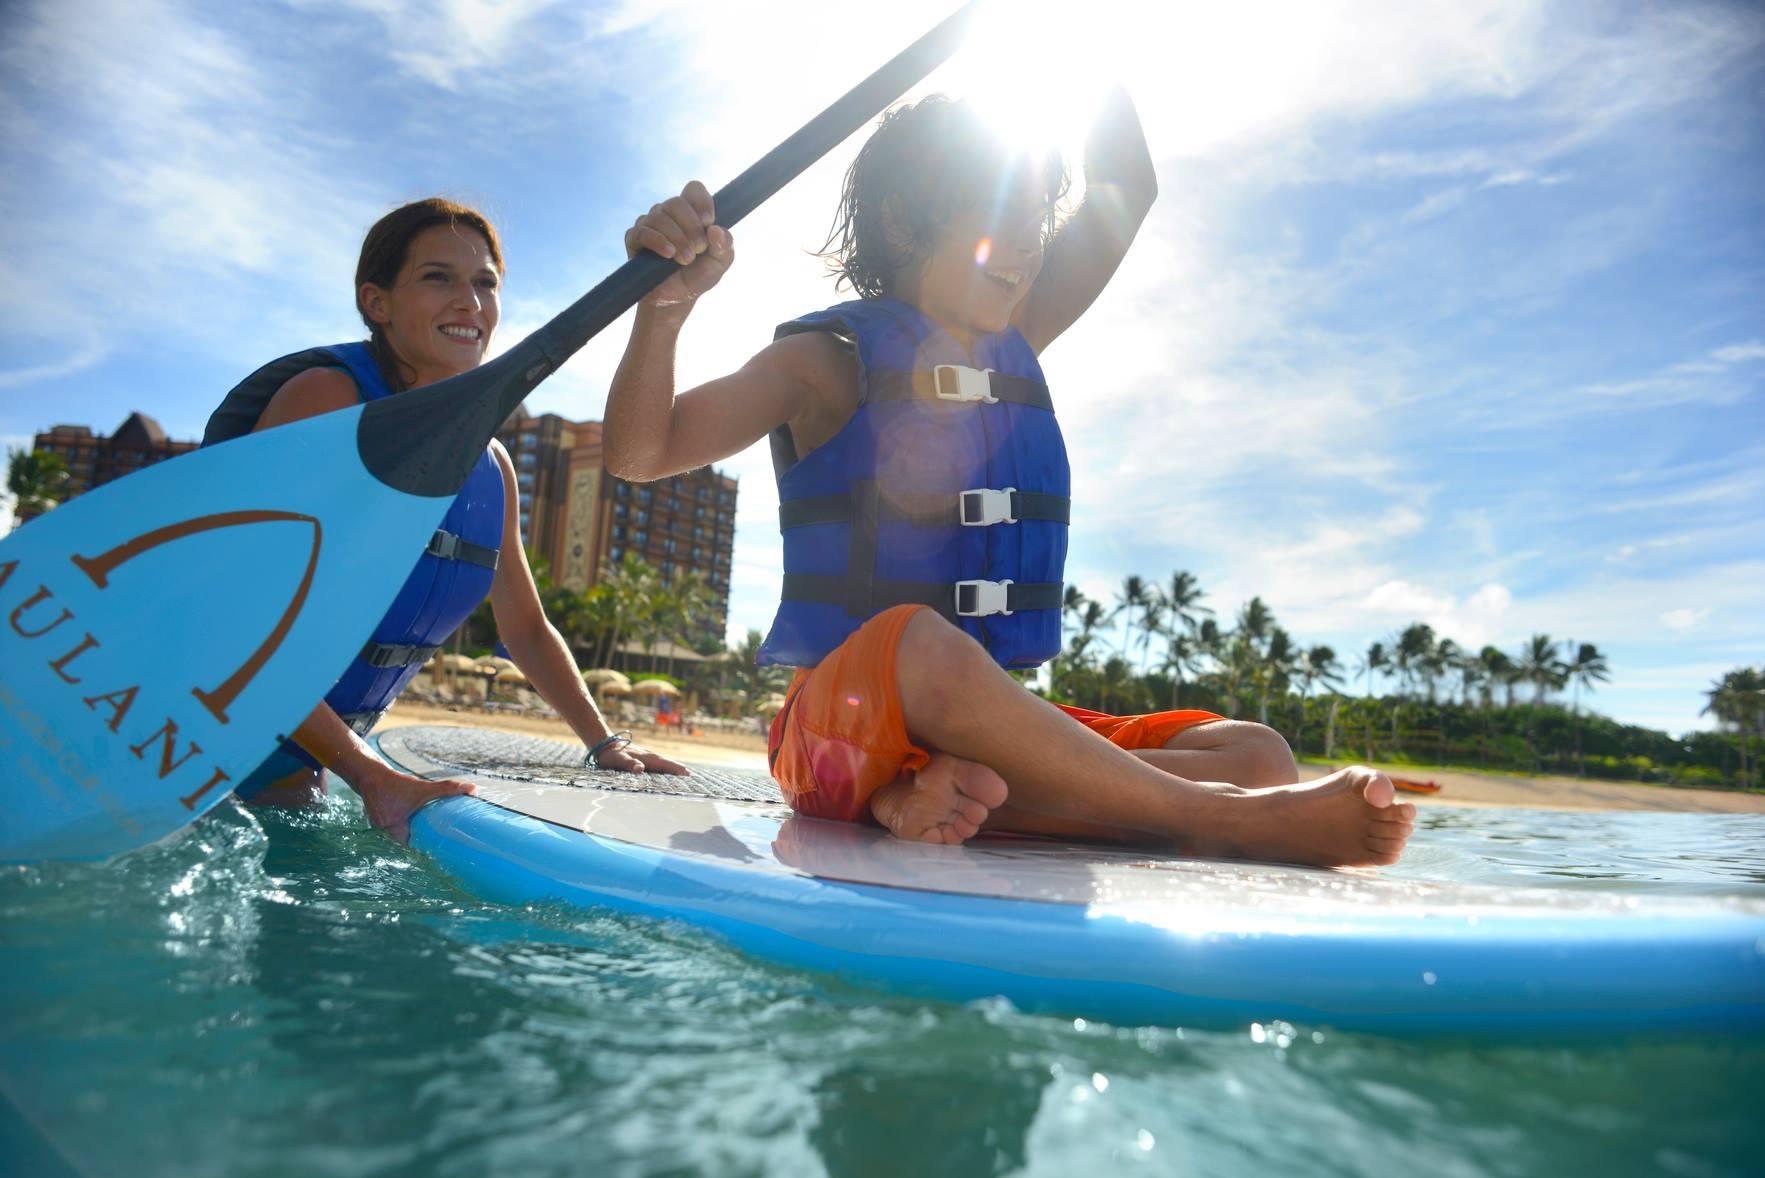 Paddleboarding at Aulani